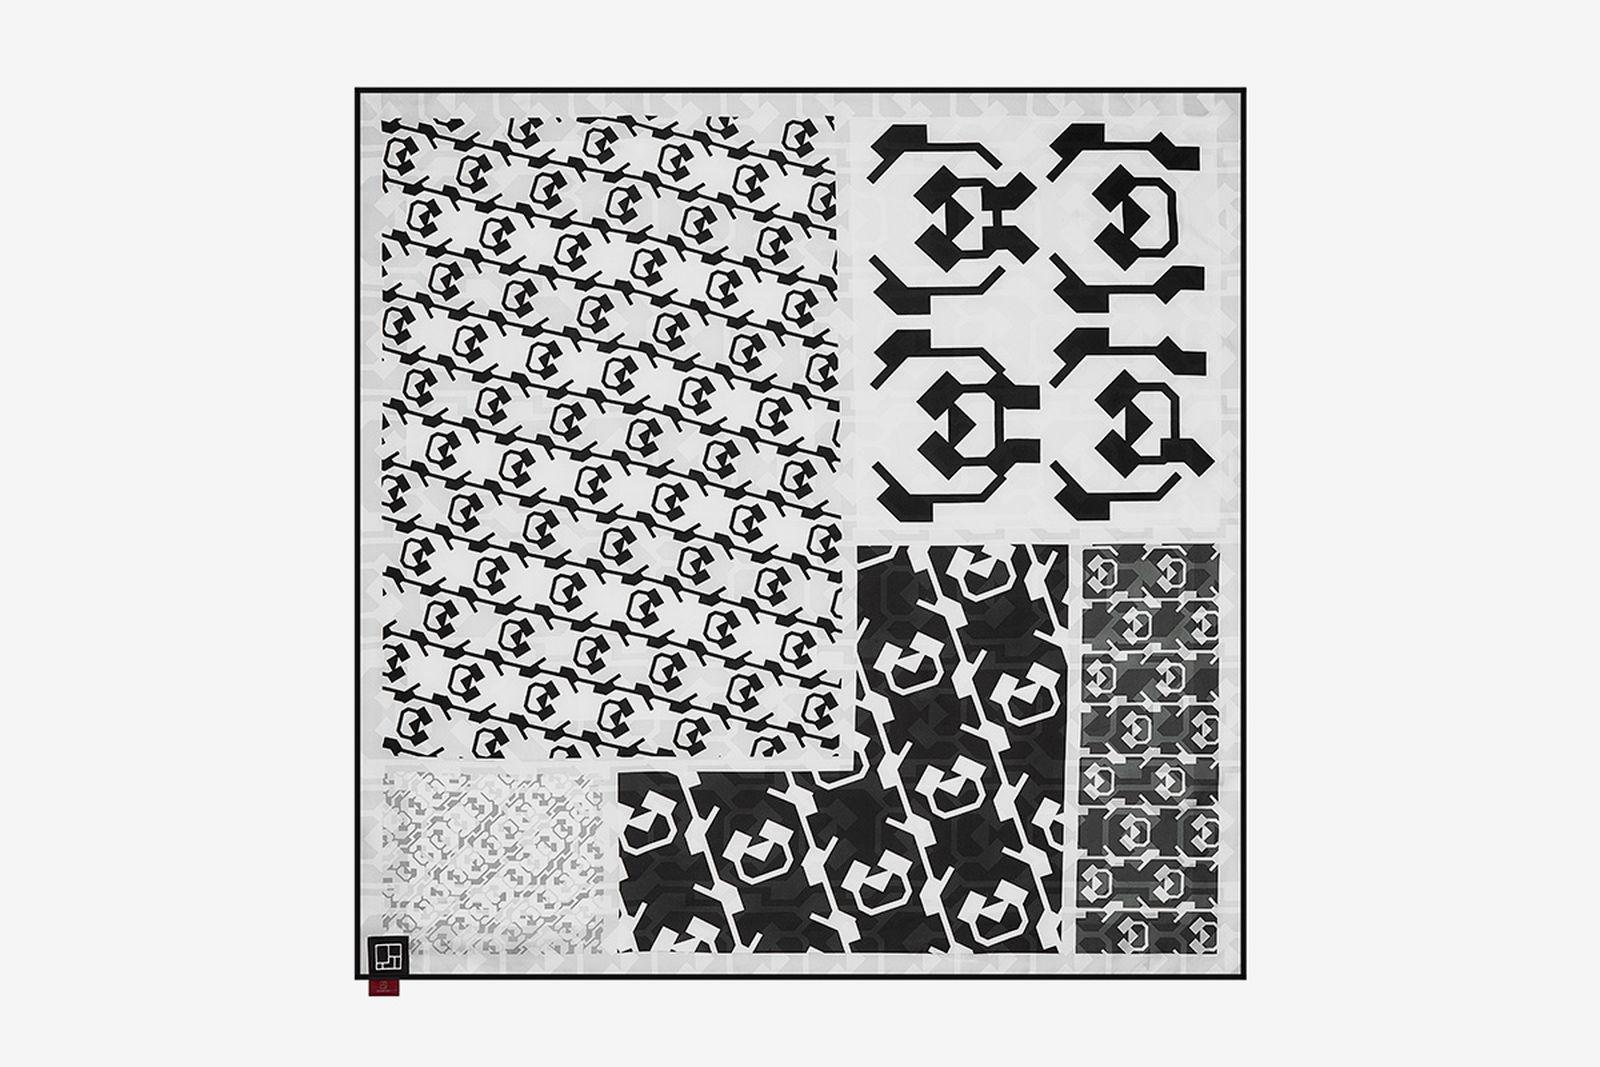 shang-zia-shuneaker-release-date-price-16